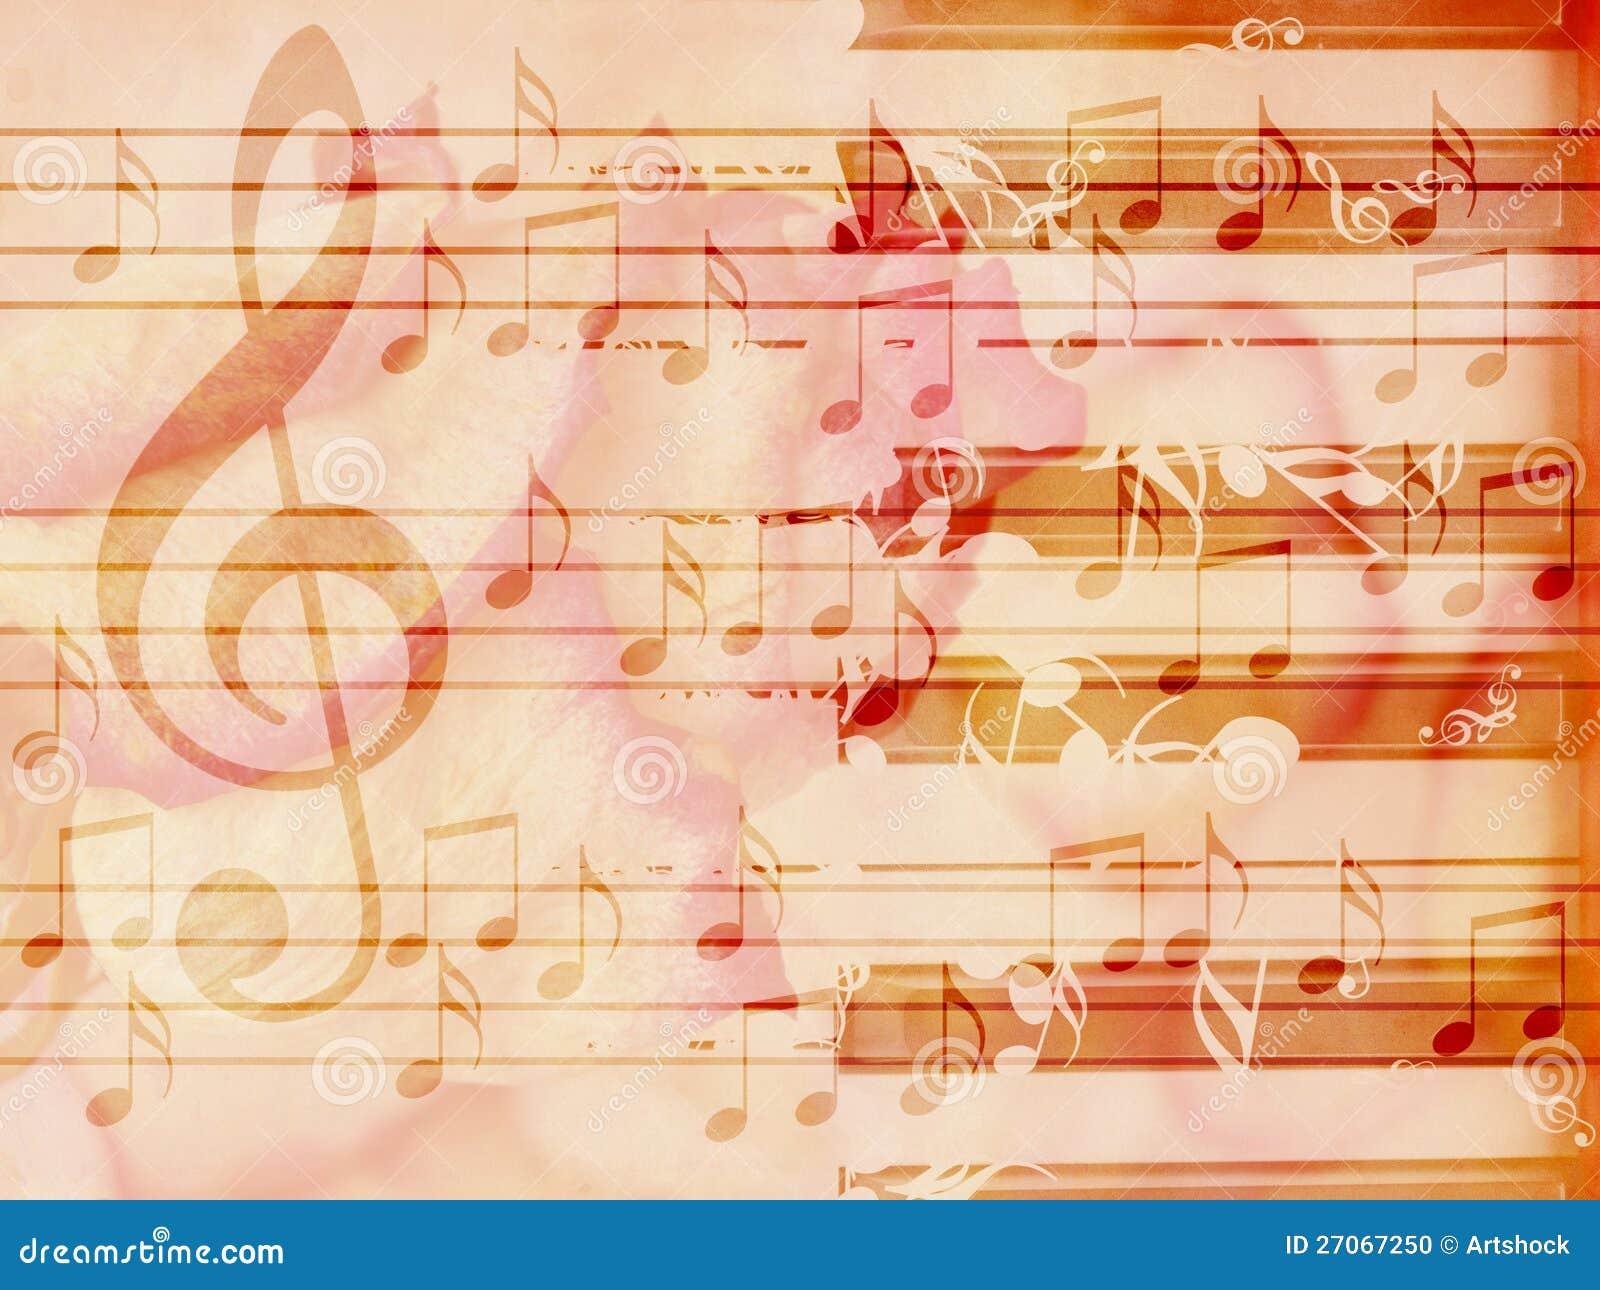 Фоновая музыка для поздравлений грустная